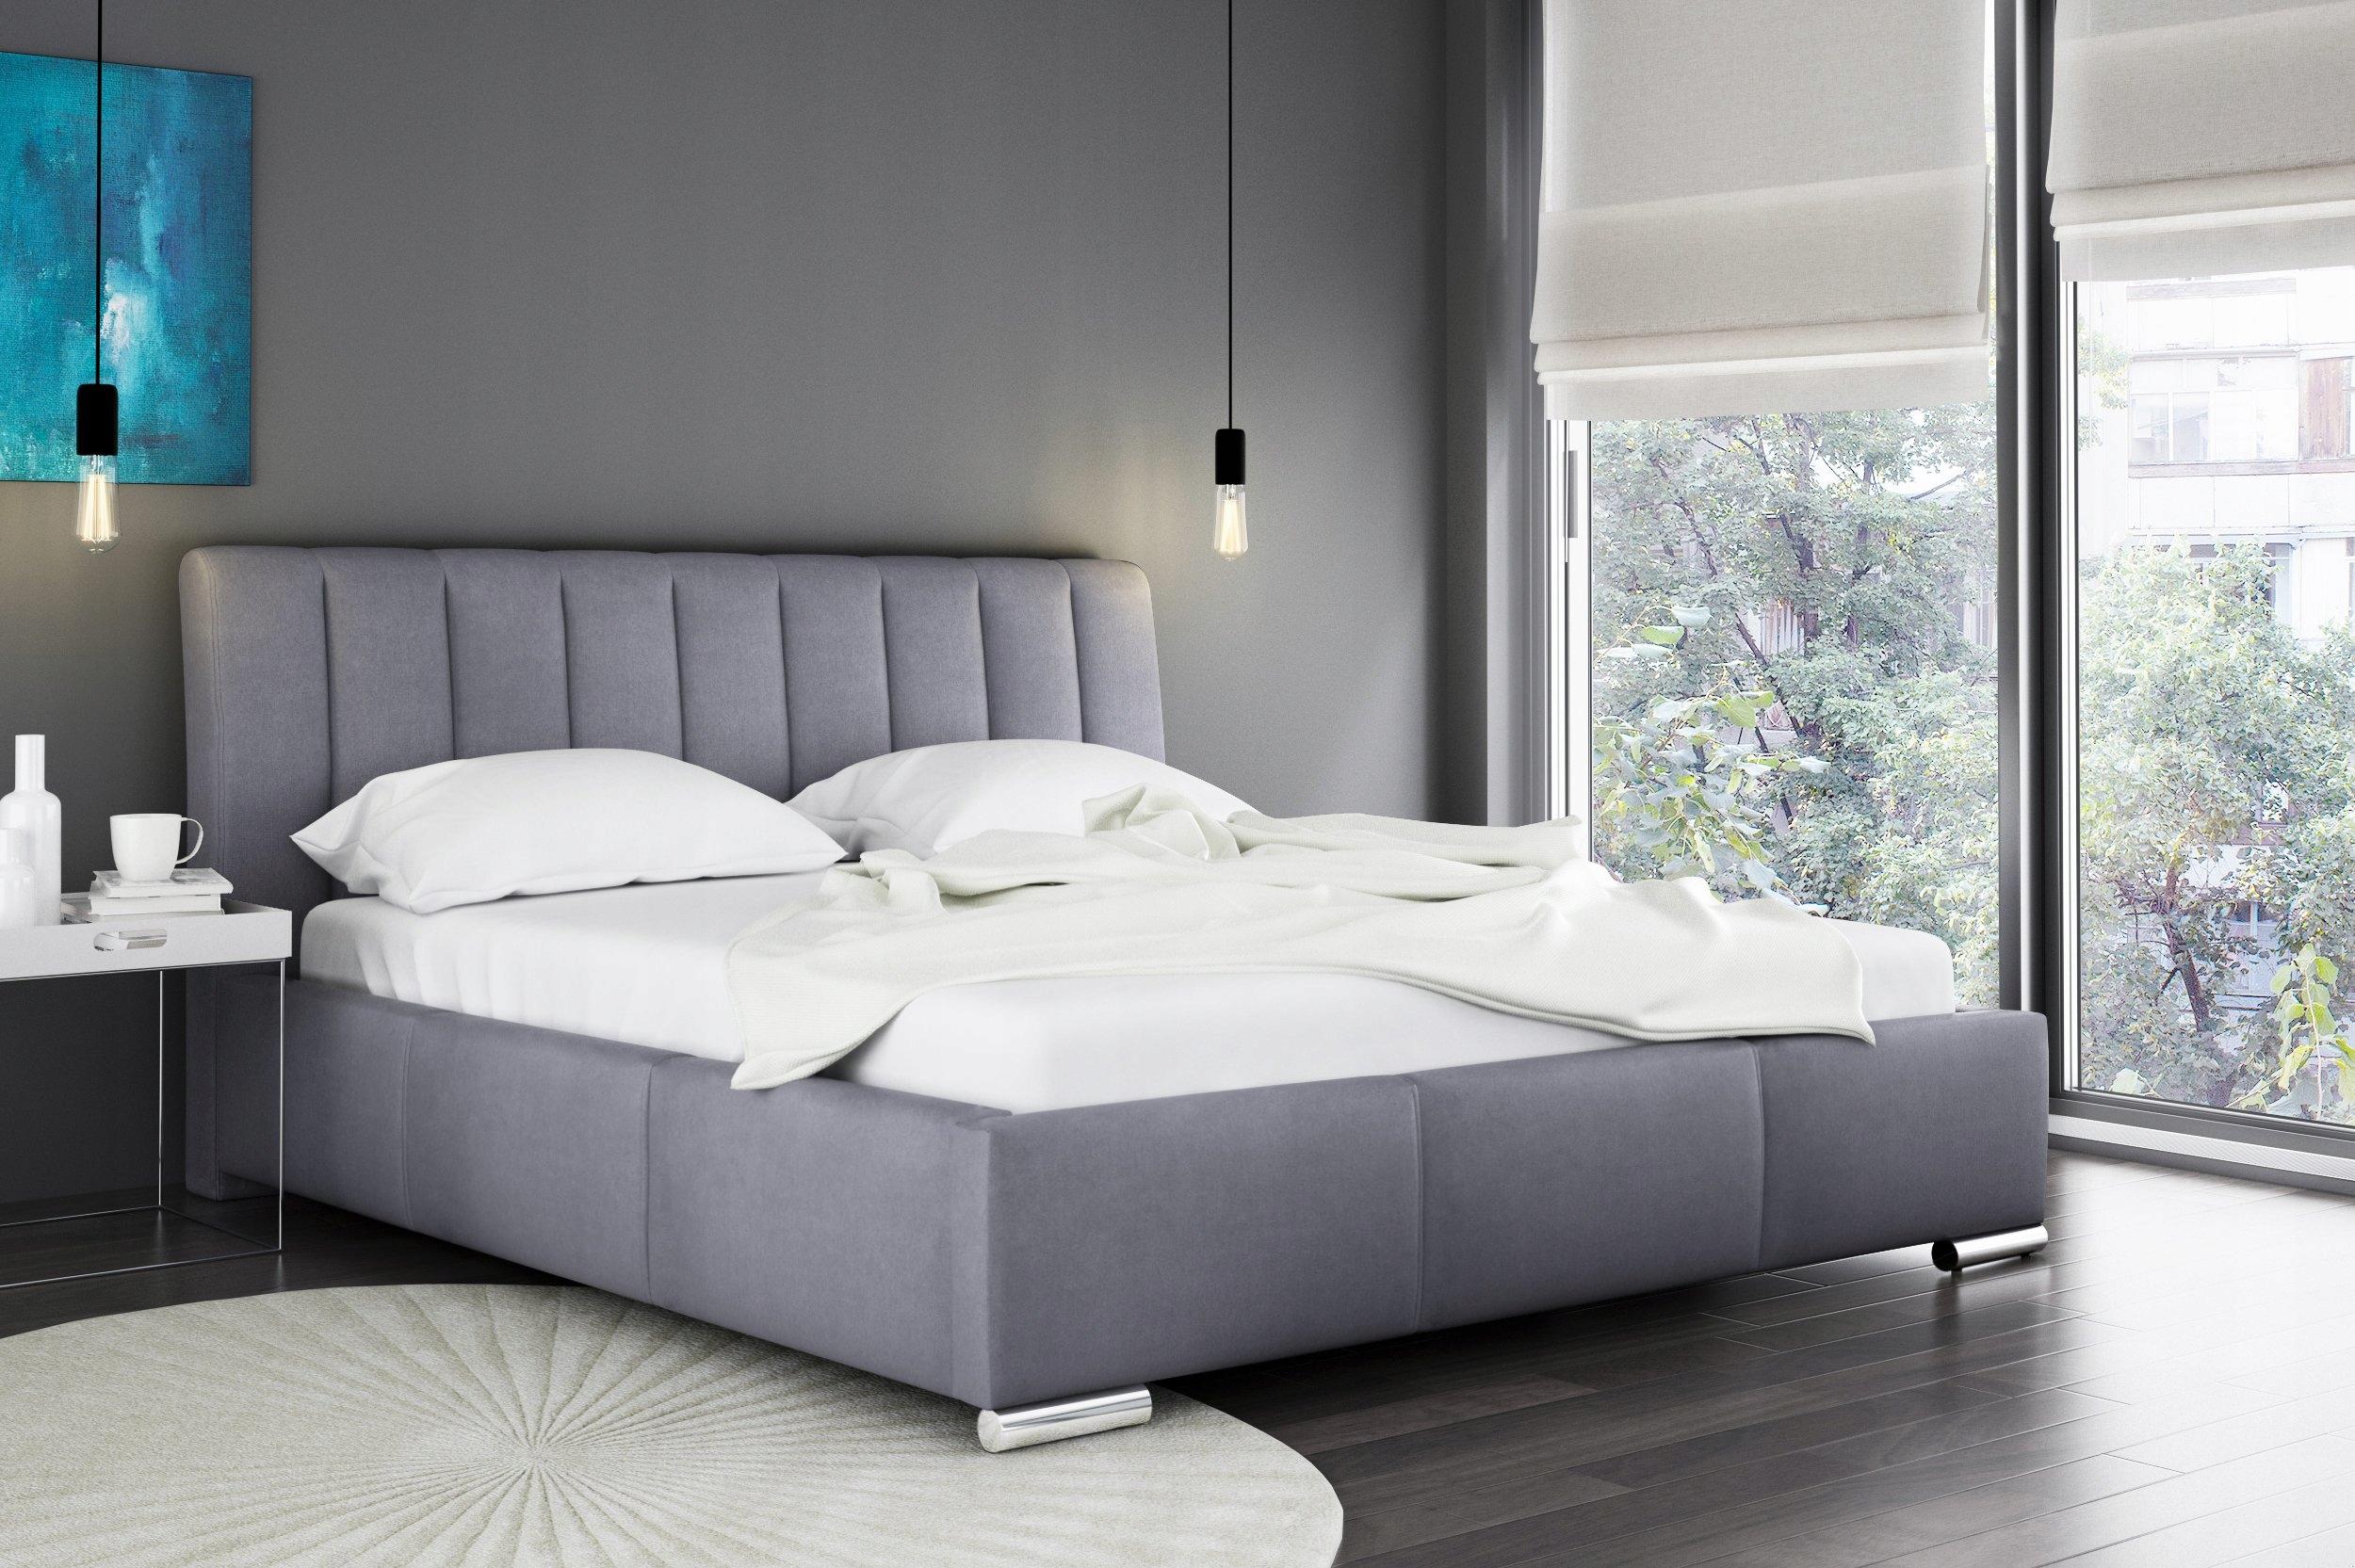 łóżko Tapicerowane 140x200 łoże Stelaż Pojemnik 7014014072